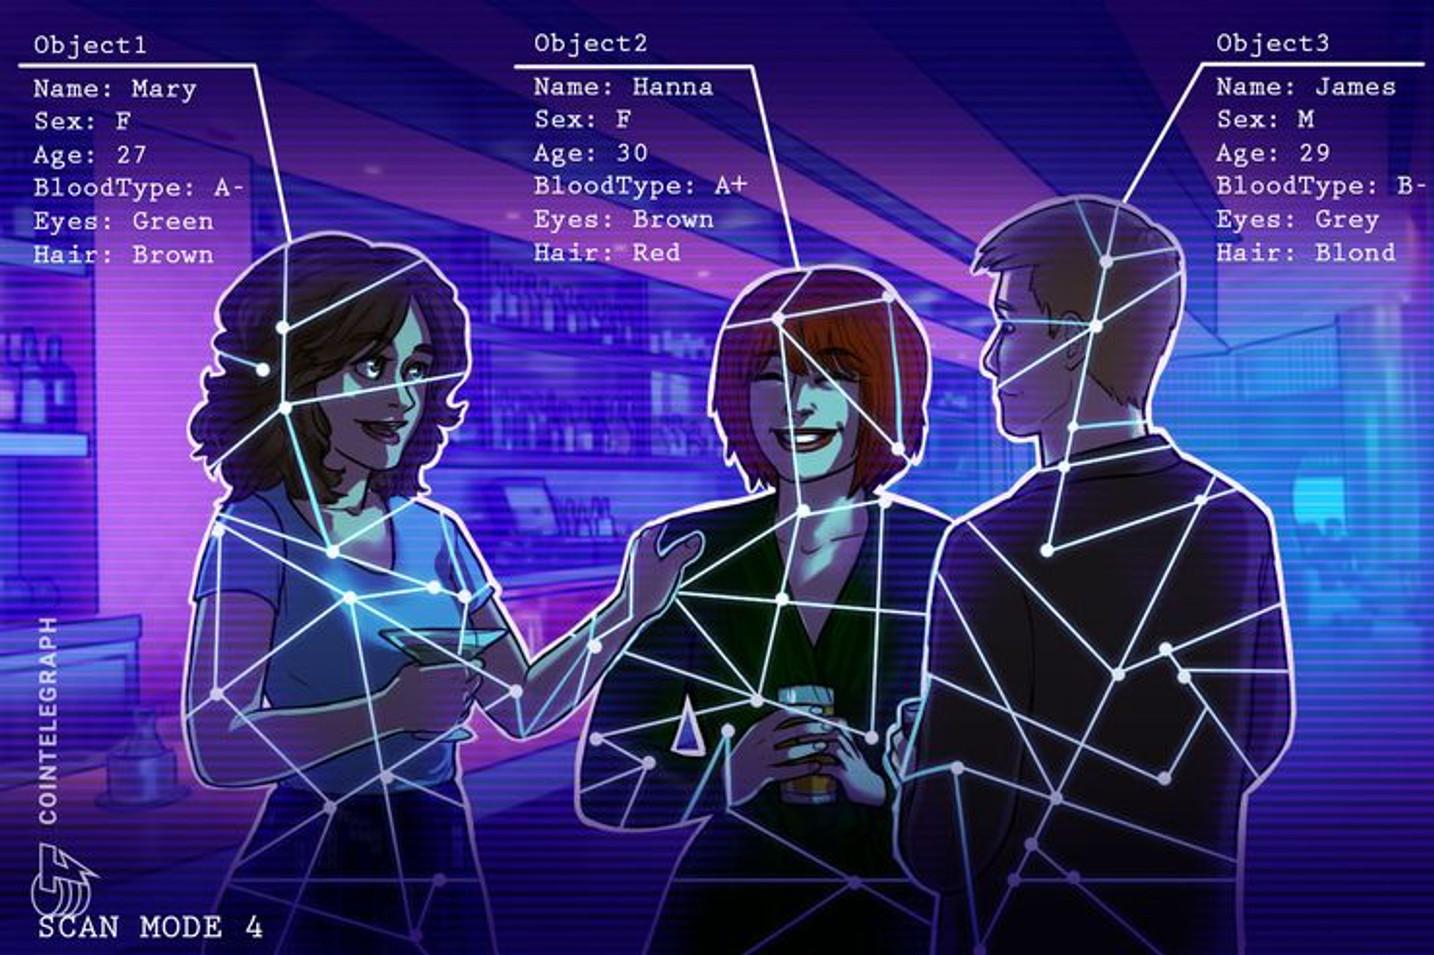 La Alianza Fintech de Iberoamérica elabora un Libro Blanco sobre identidad digital